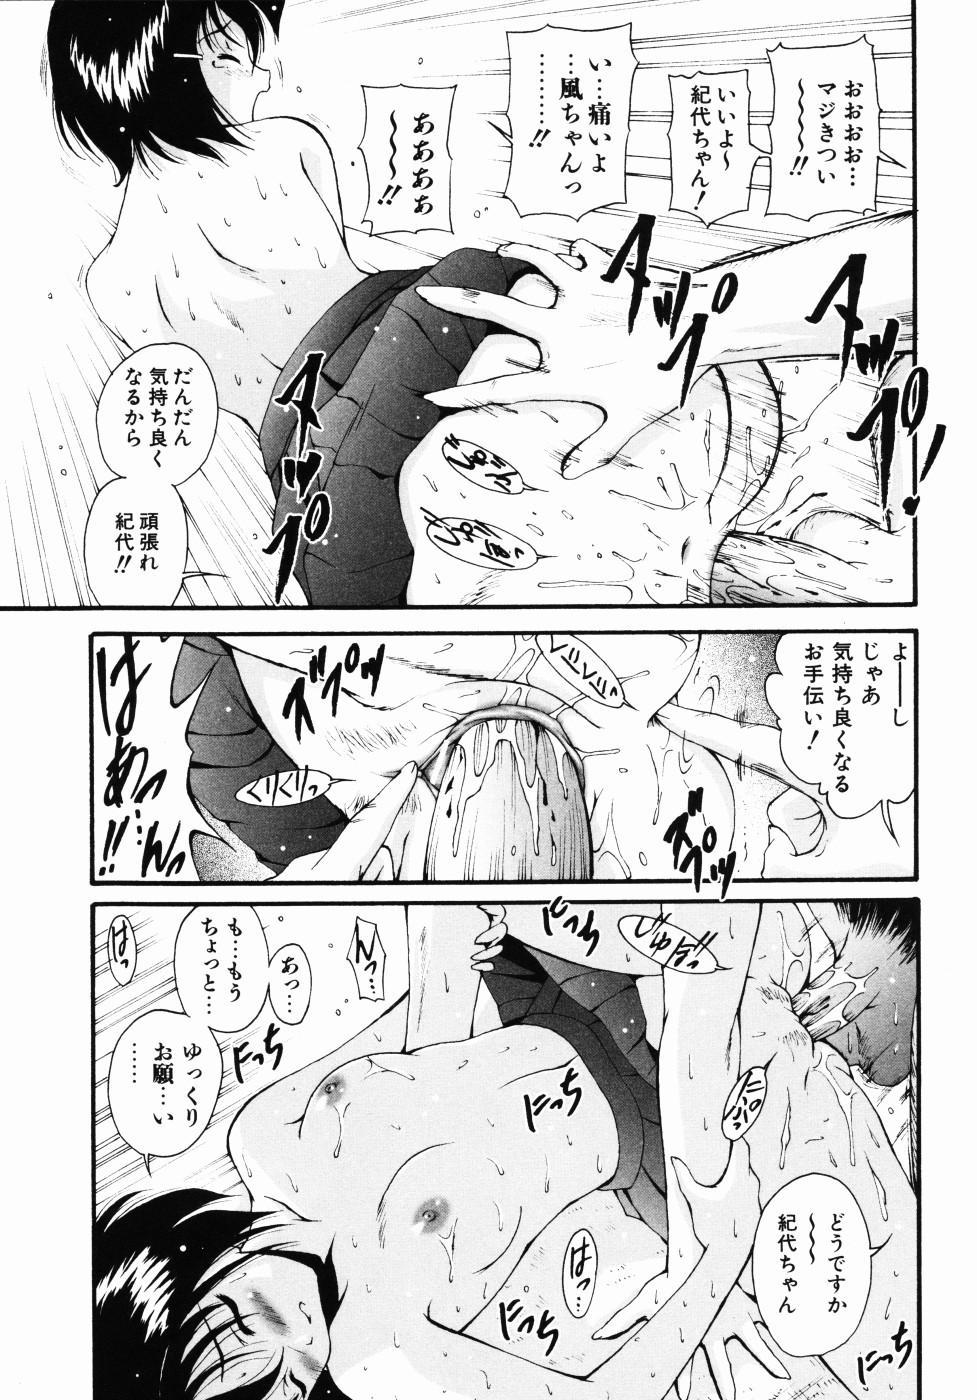 Daikyou Megami 73